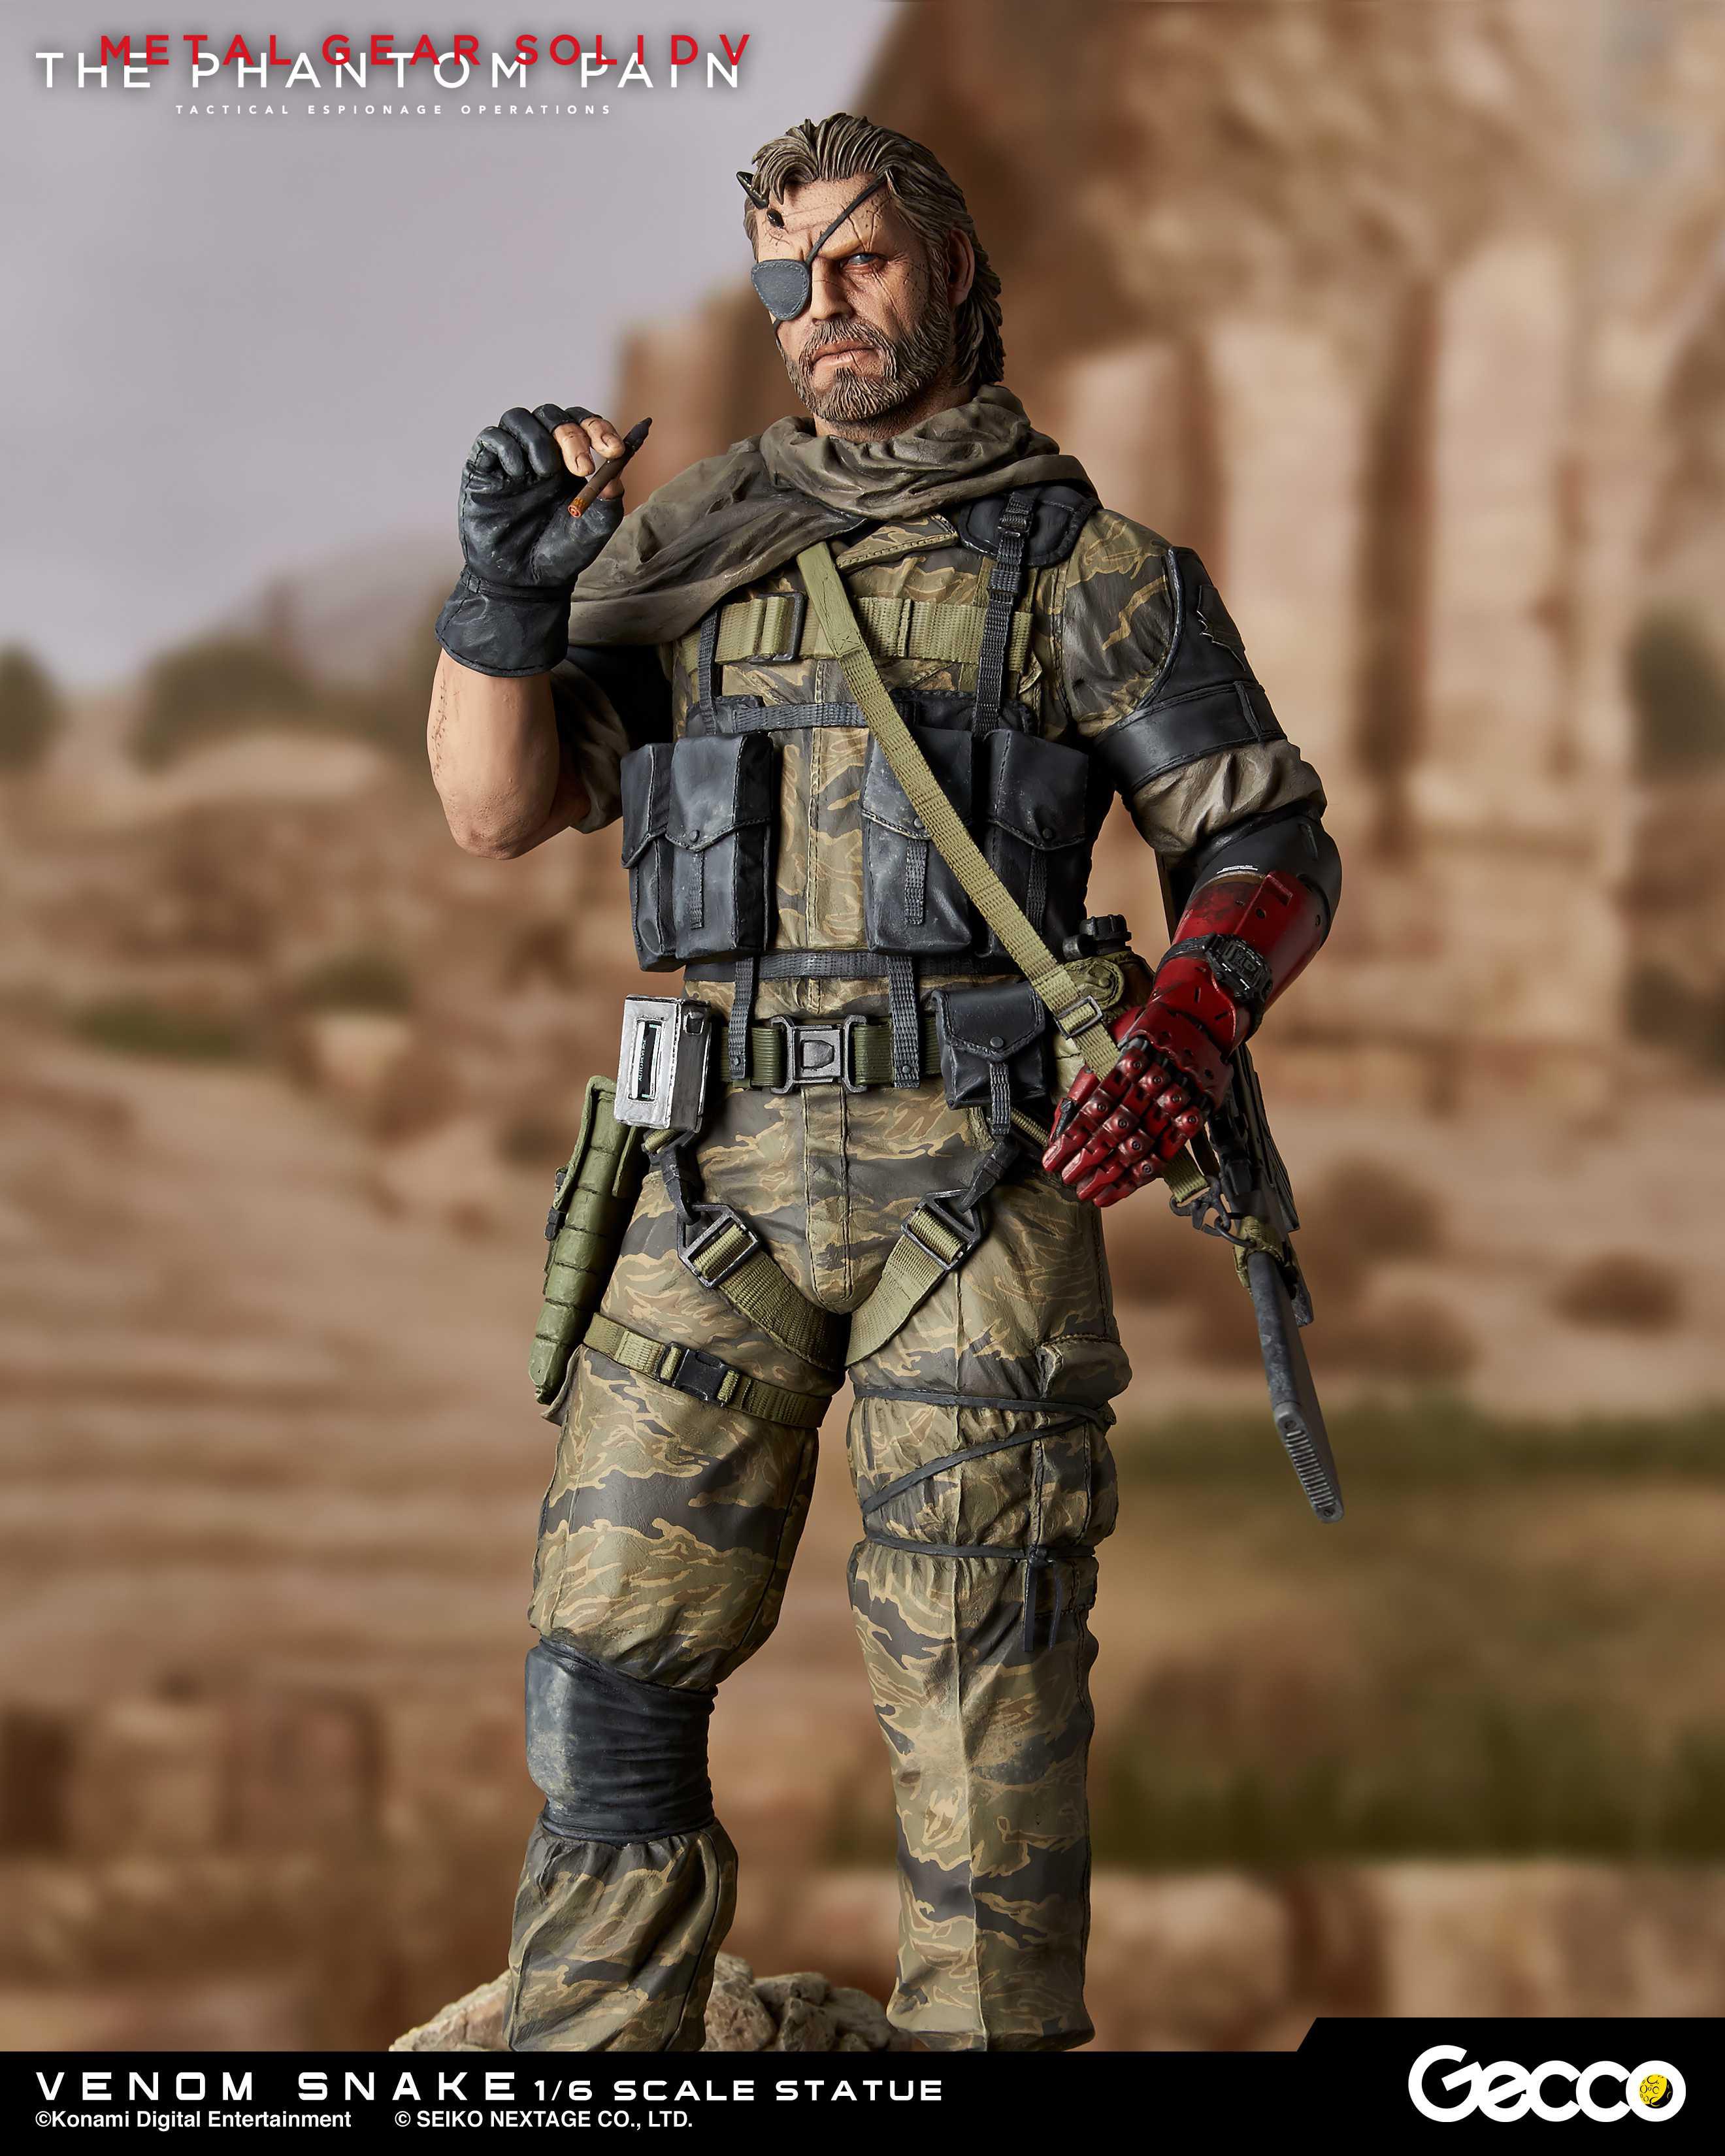 Gecco-Venom-Snake-1